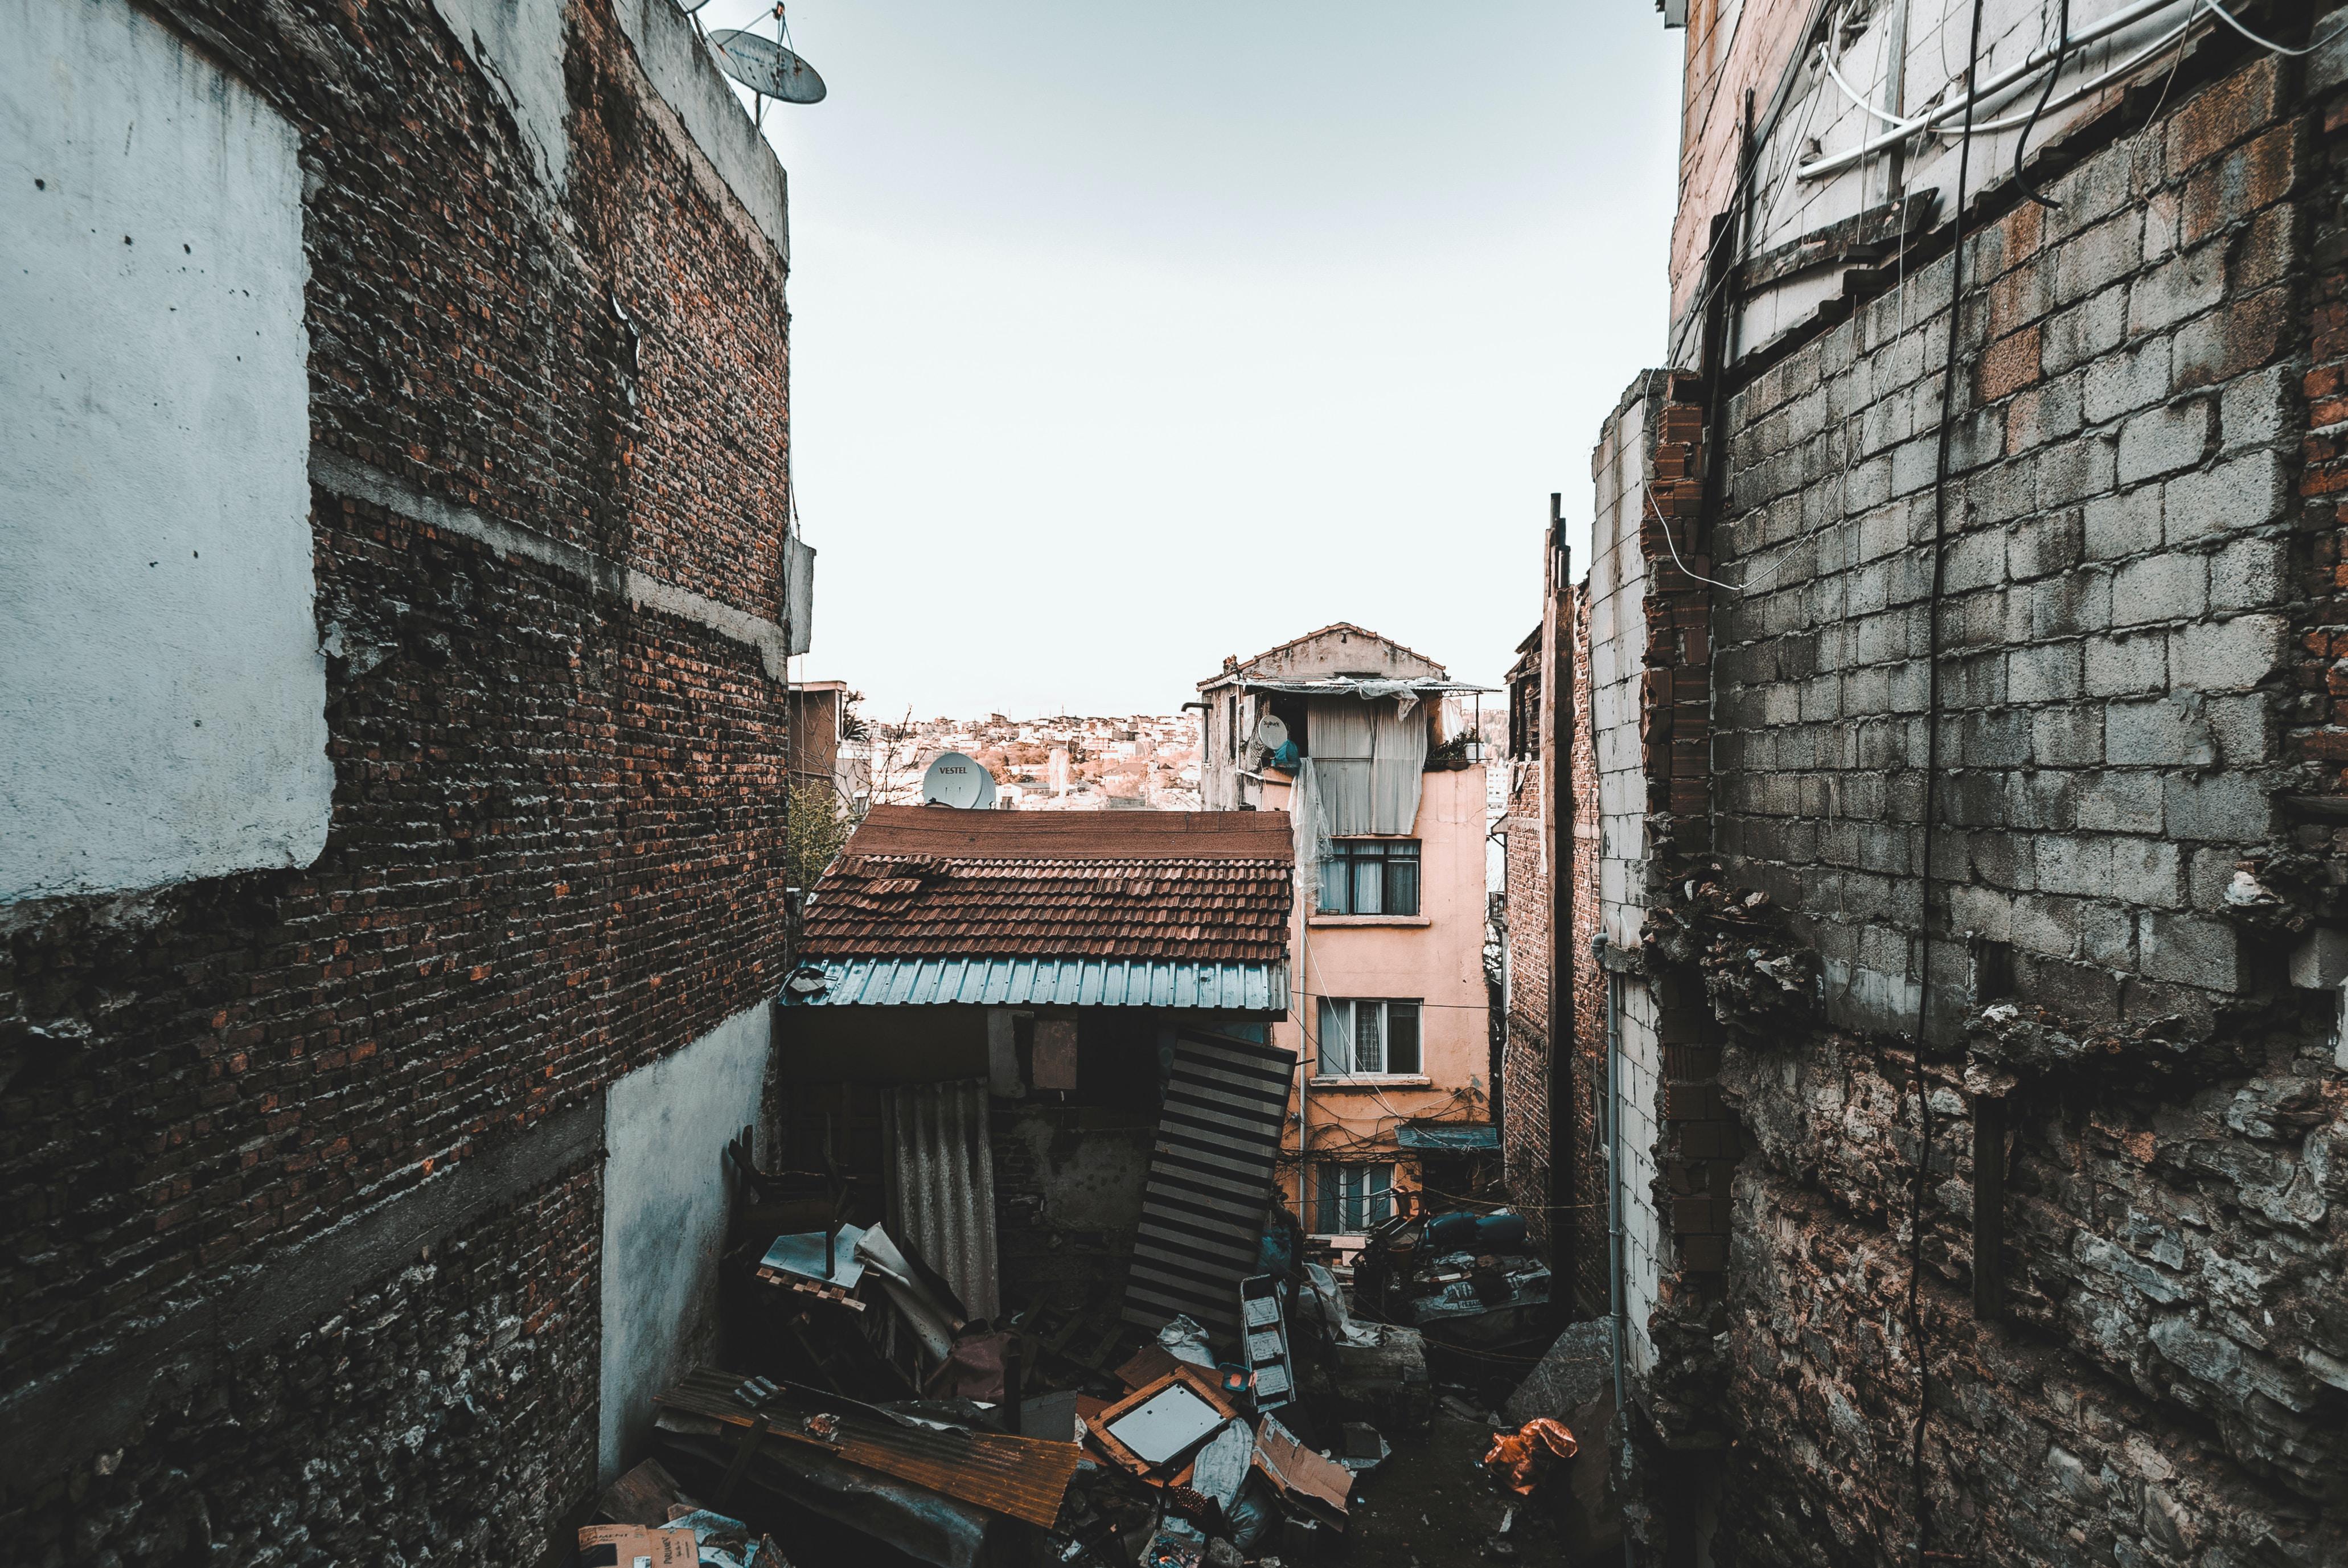 brown shed between buildings